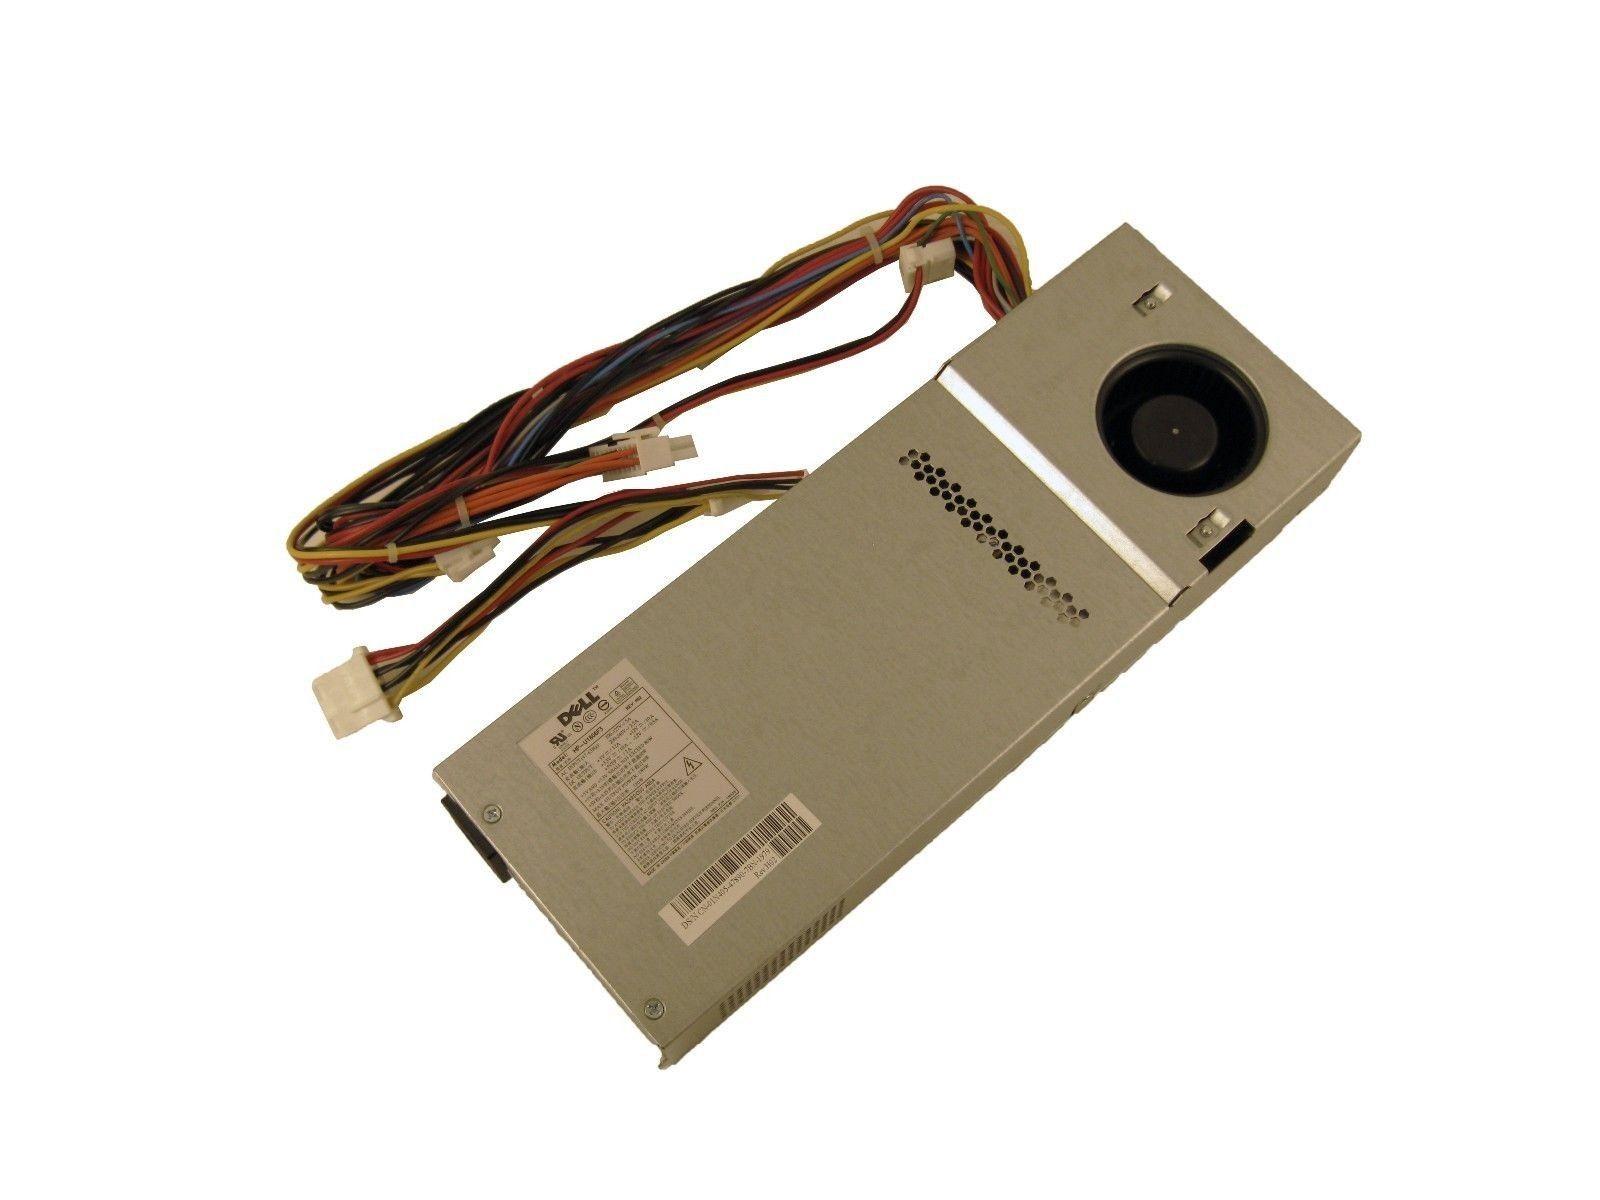 Dell 1N405 Dimension 4500S OptiPlex GX270 GX240 GX260 Power Supply HP-U180F3